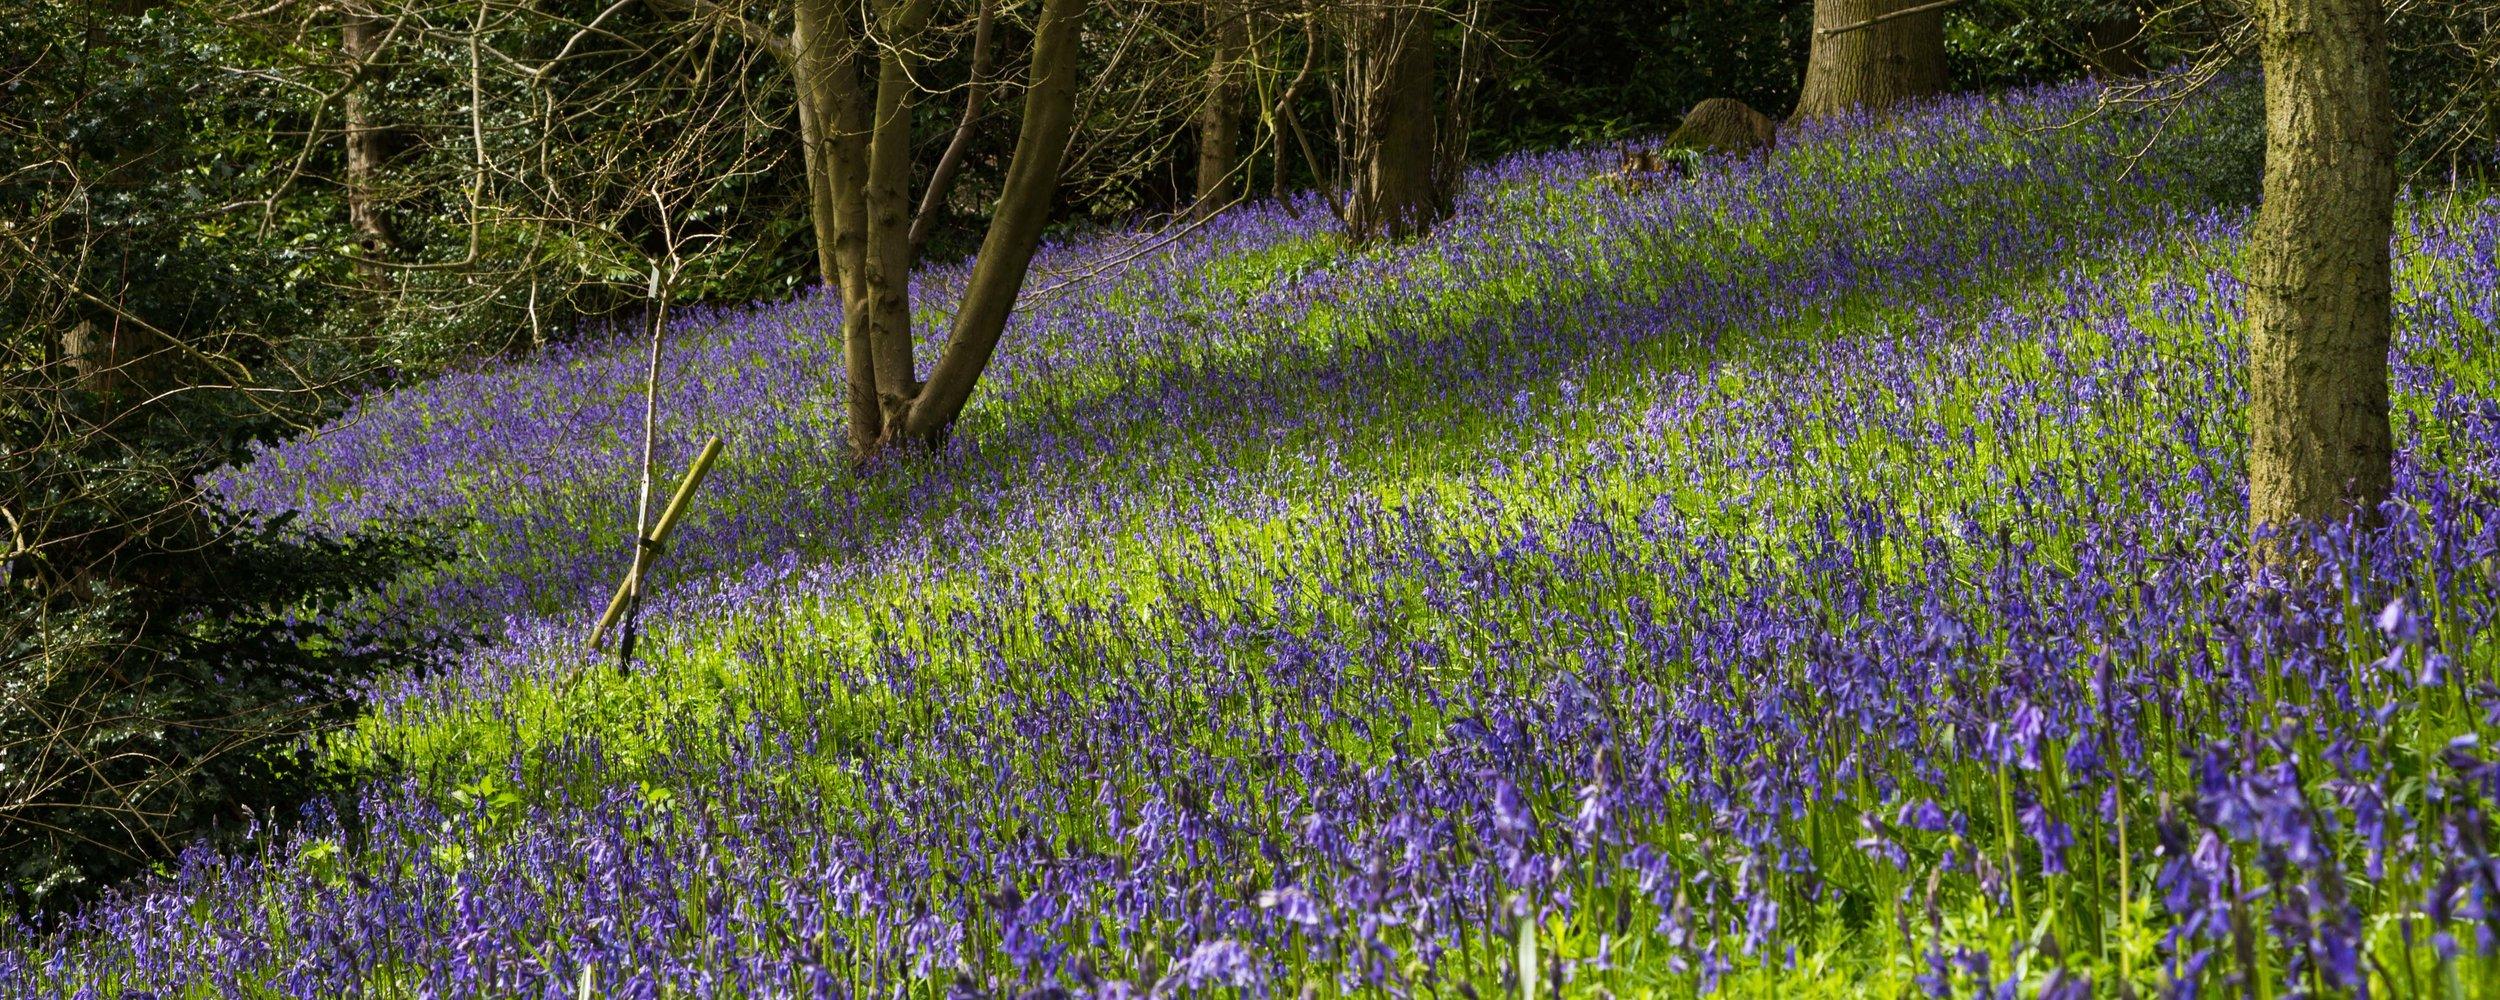 Stunning bluebell path near magical gardens of Kiftsgate Court.Image: Chris Denning, Verve Garden Design